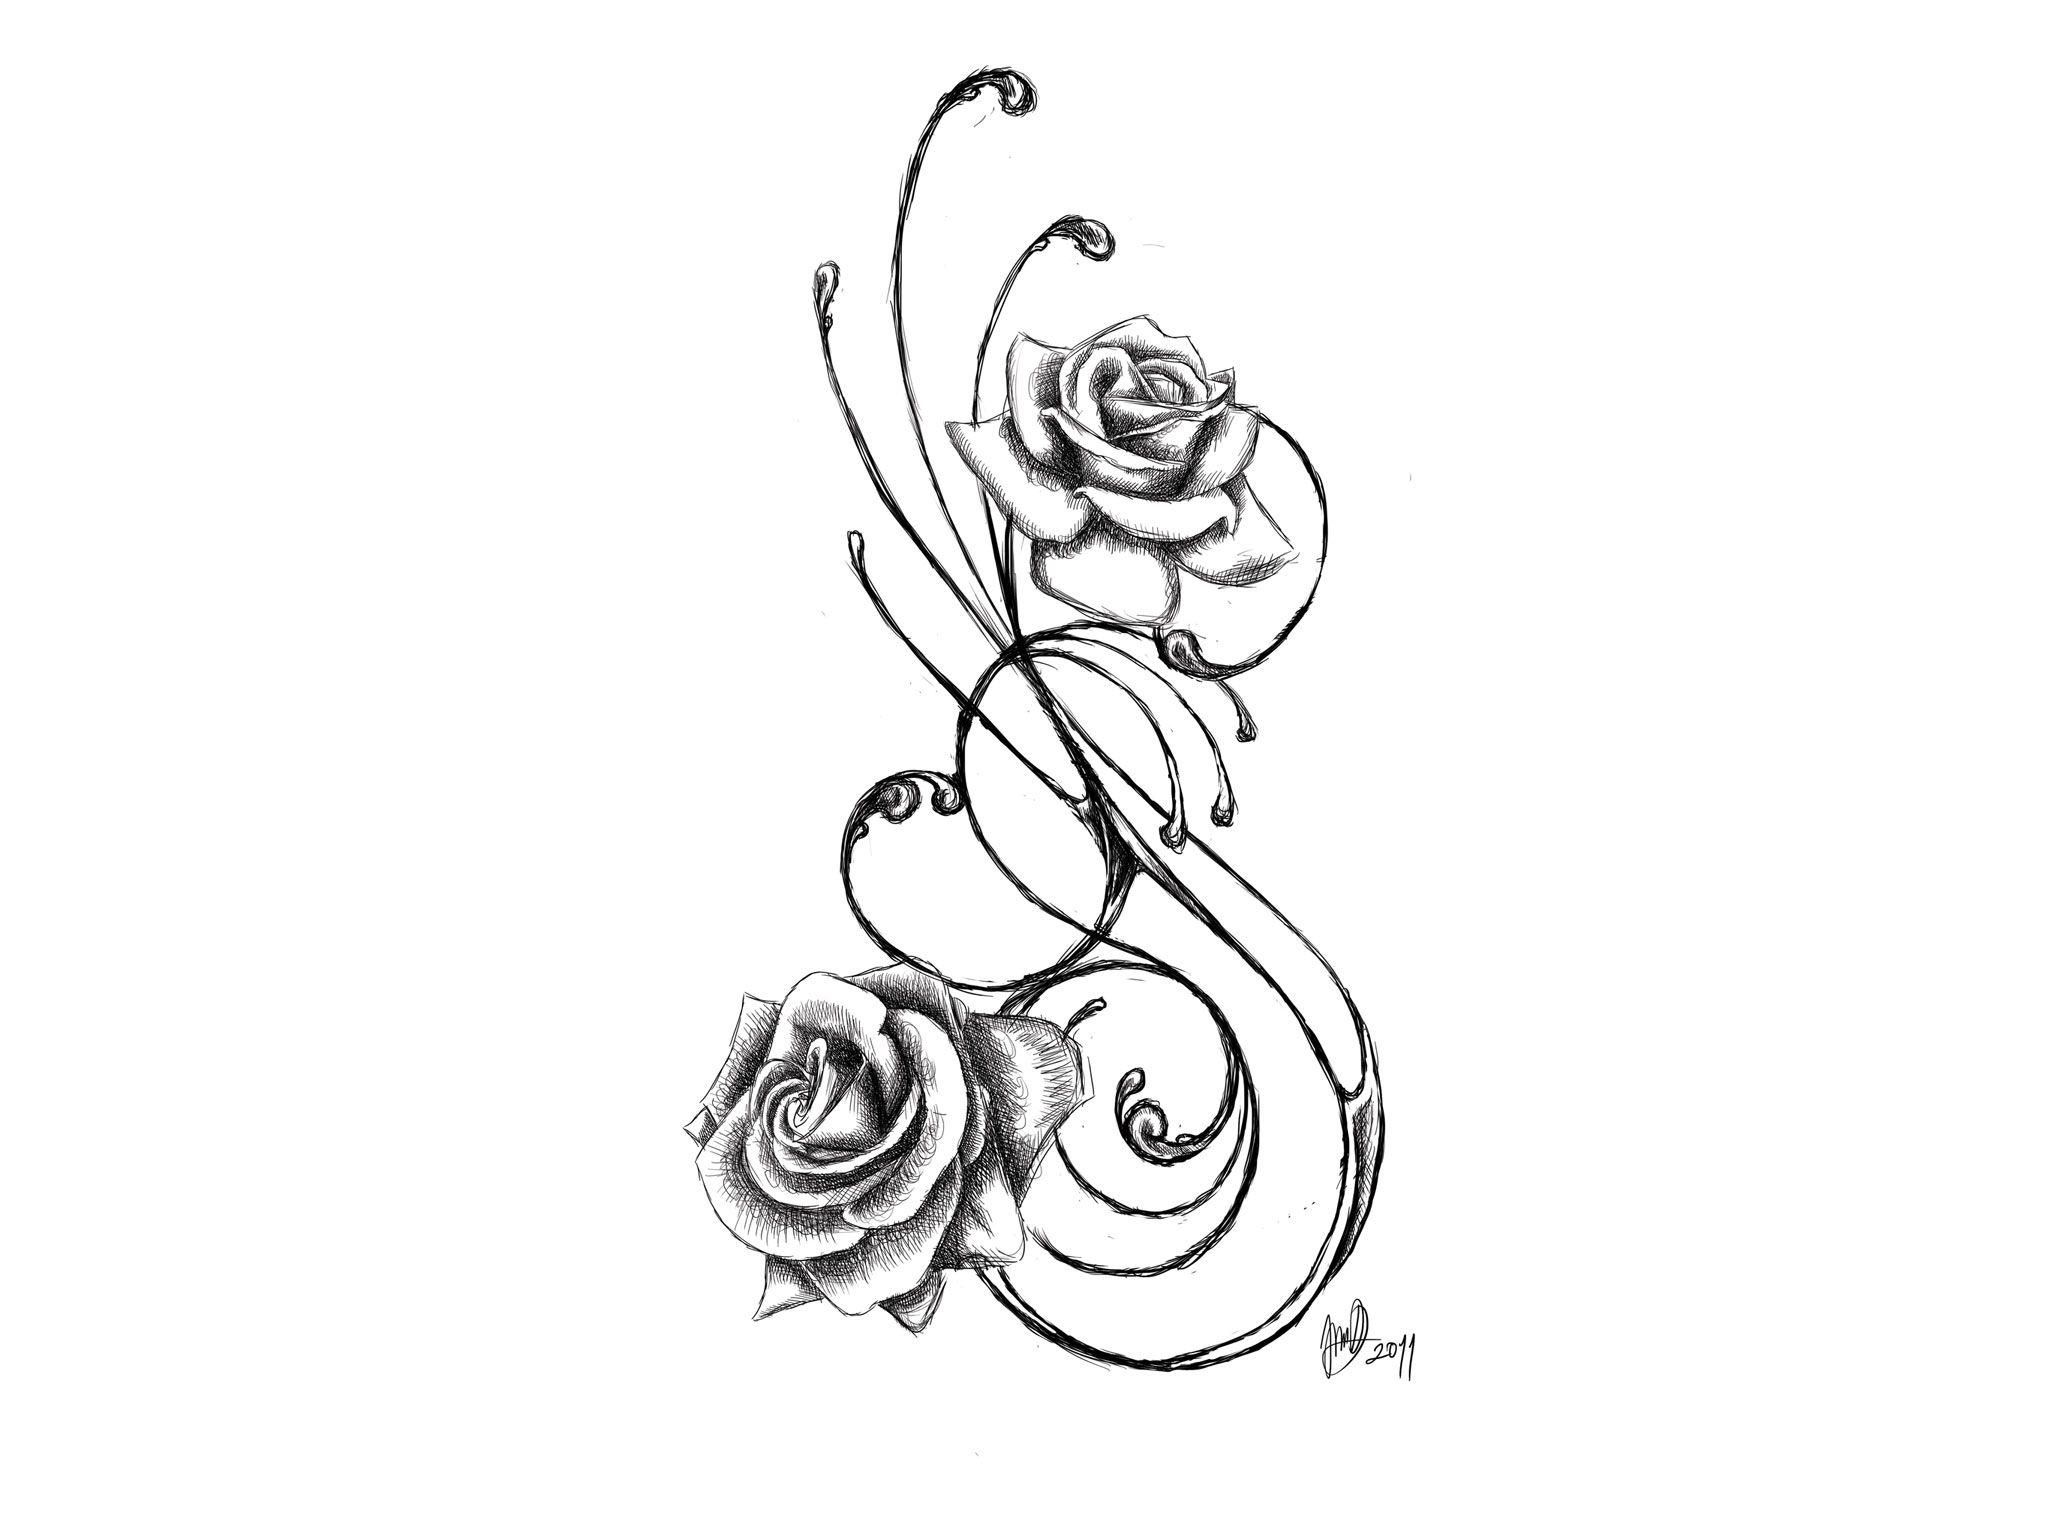 Rose Tattoo Designs For Girls Smaller Tribal Tattoo Designs | Rose tattoo design, Rose tattoos ...